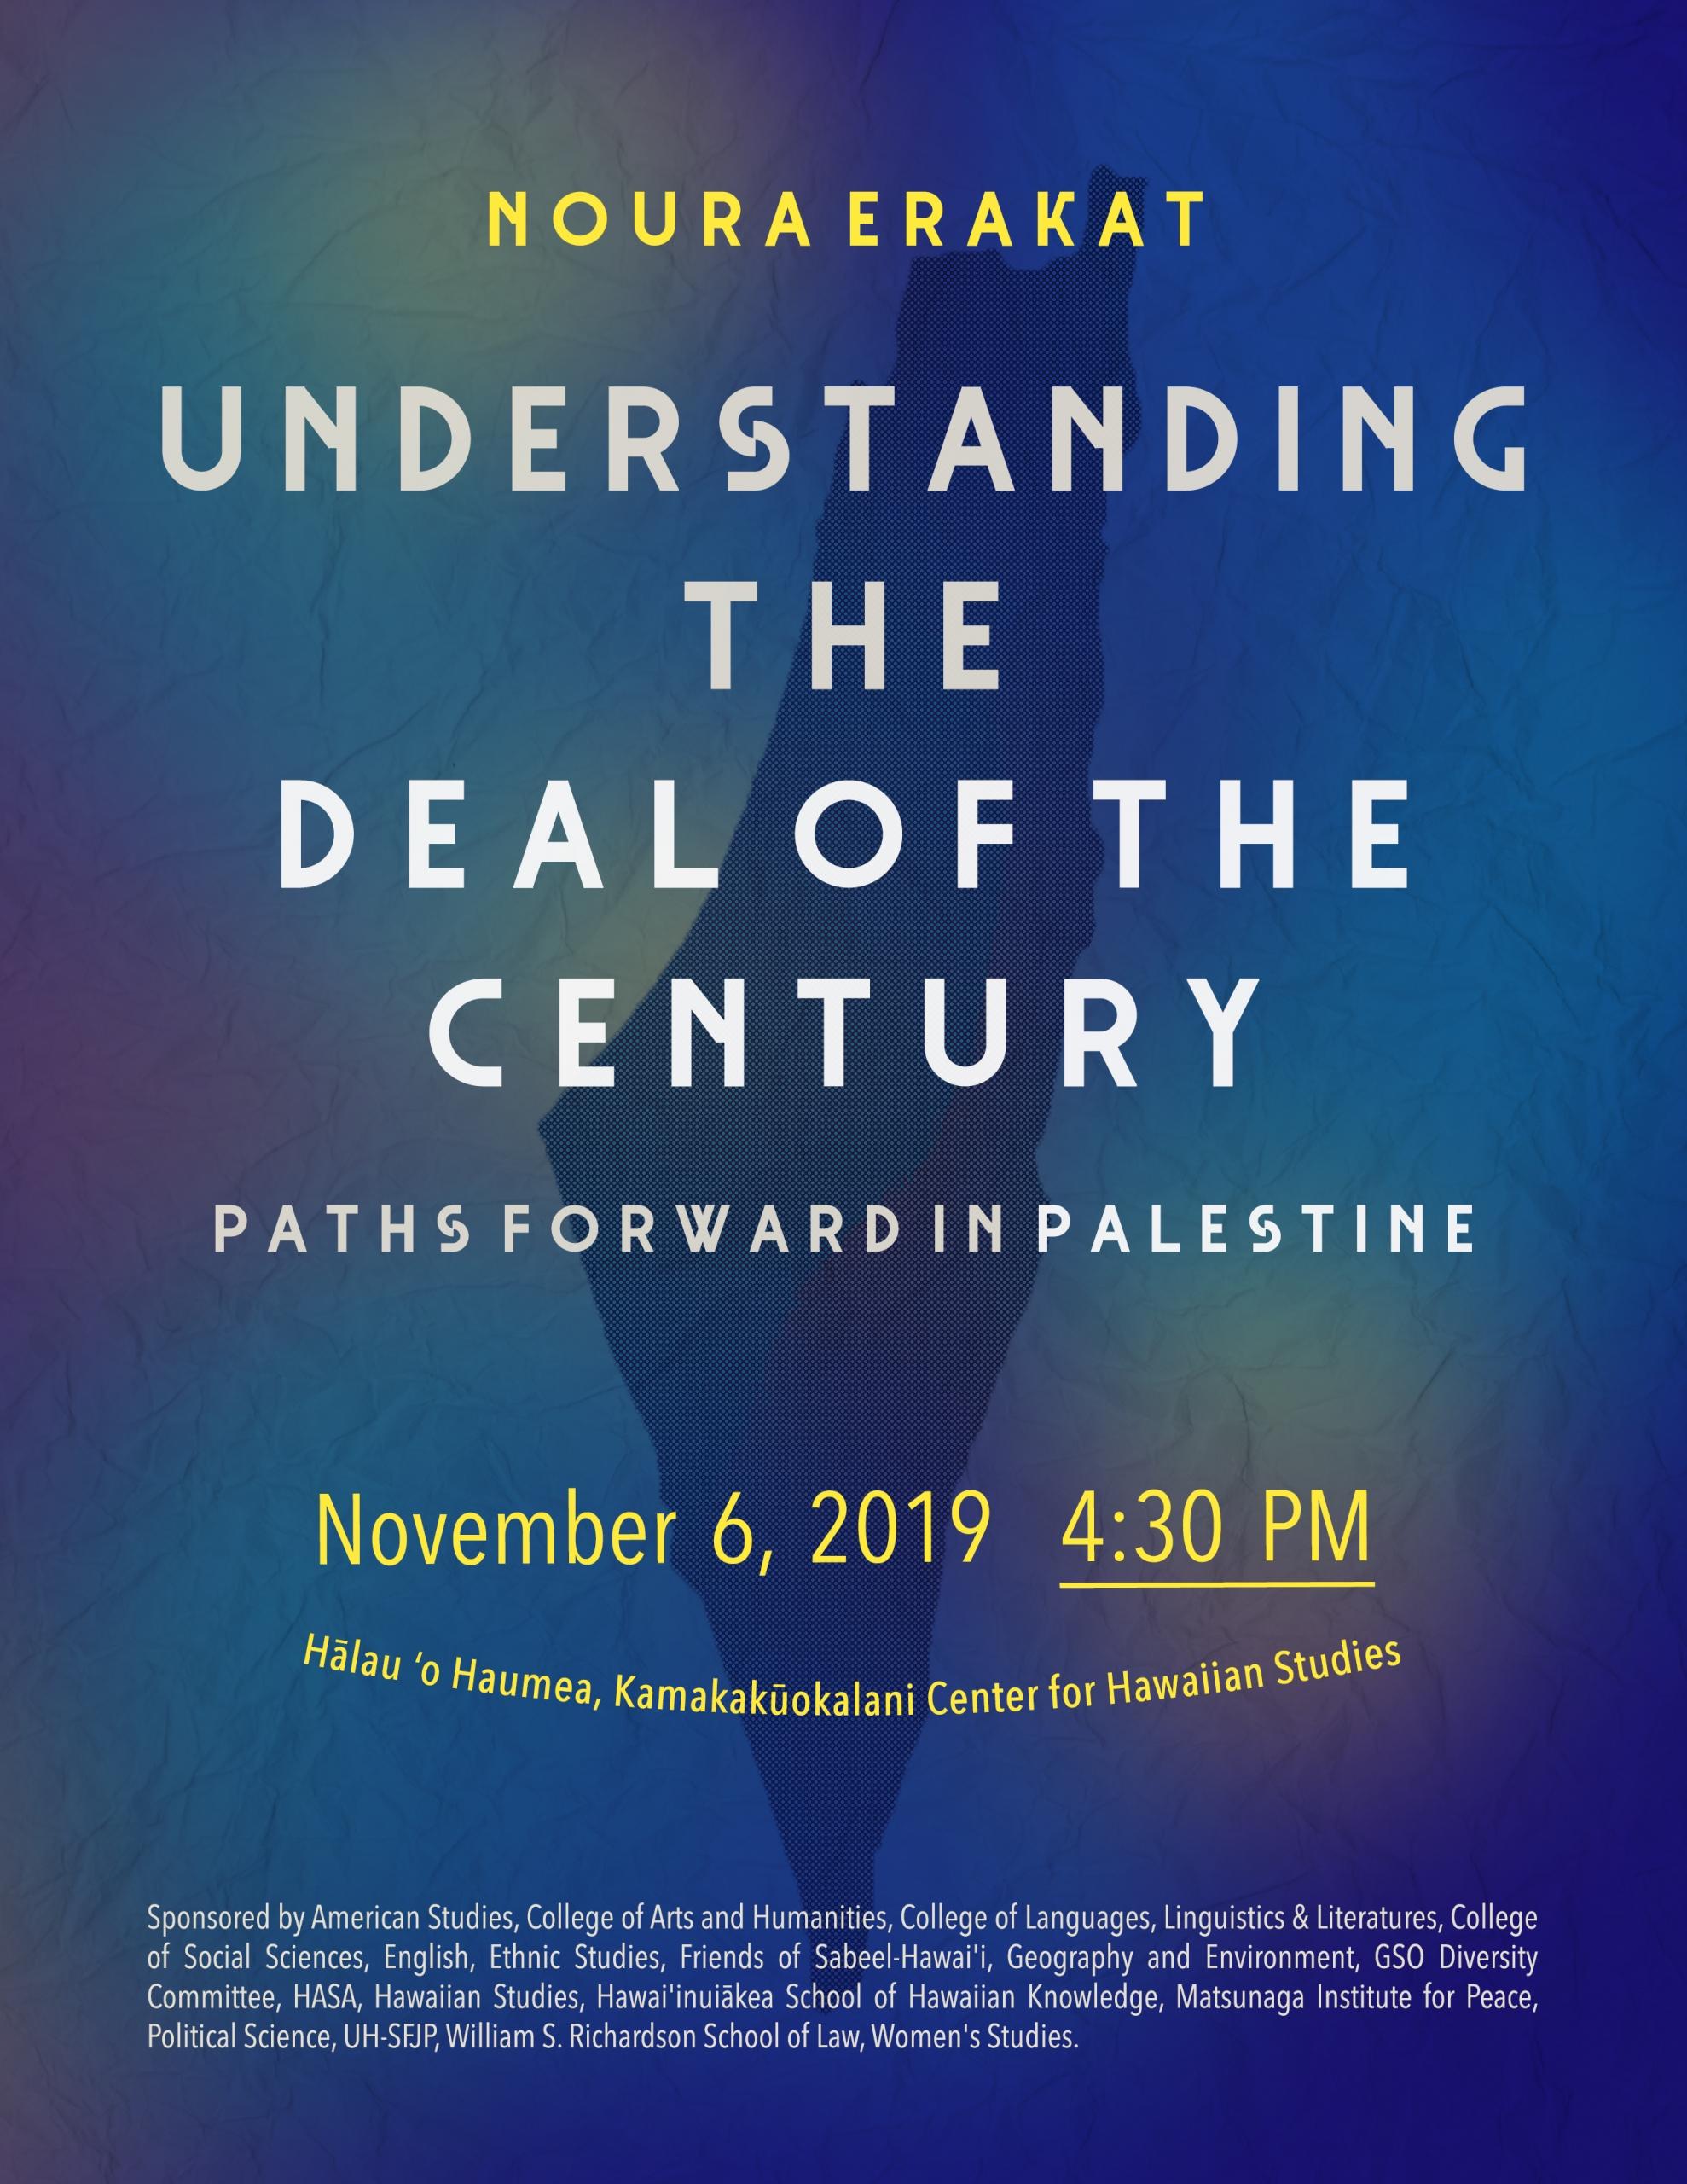 noura erakat understanding the deal of the century poster graphic